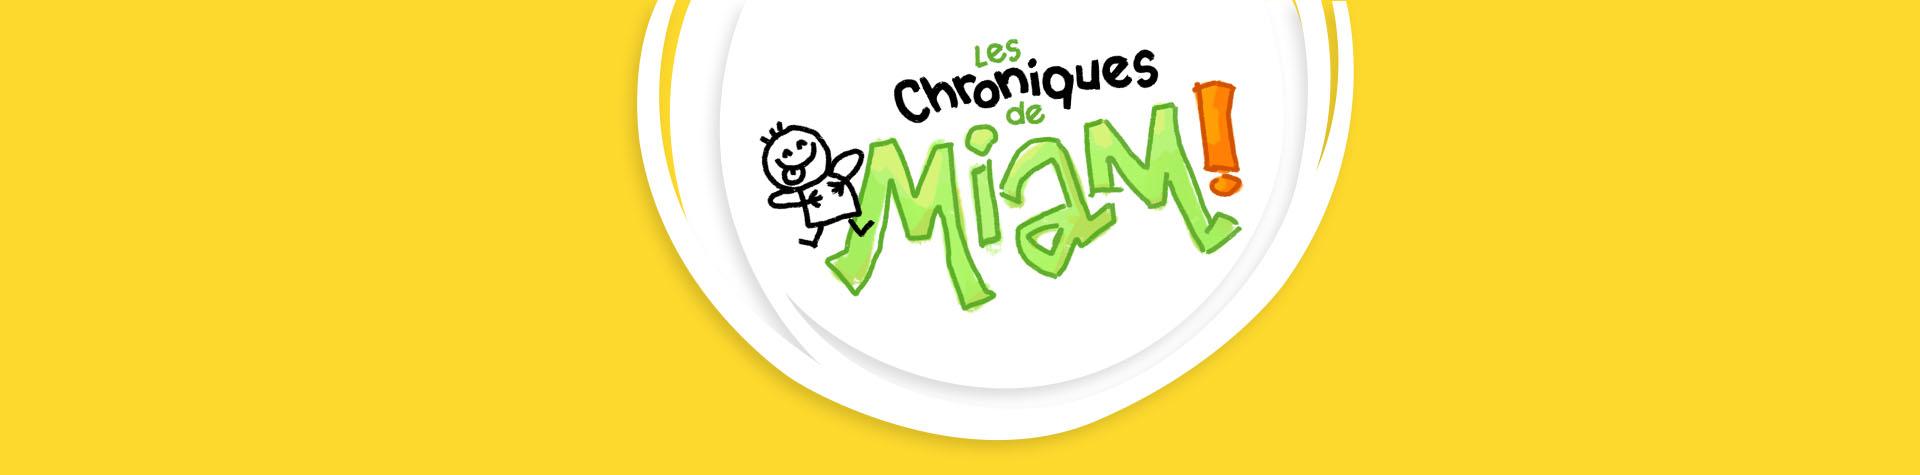 Chronique de Miam -Large